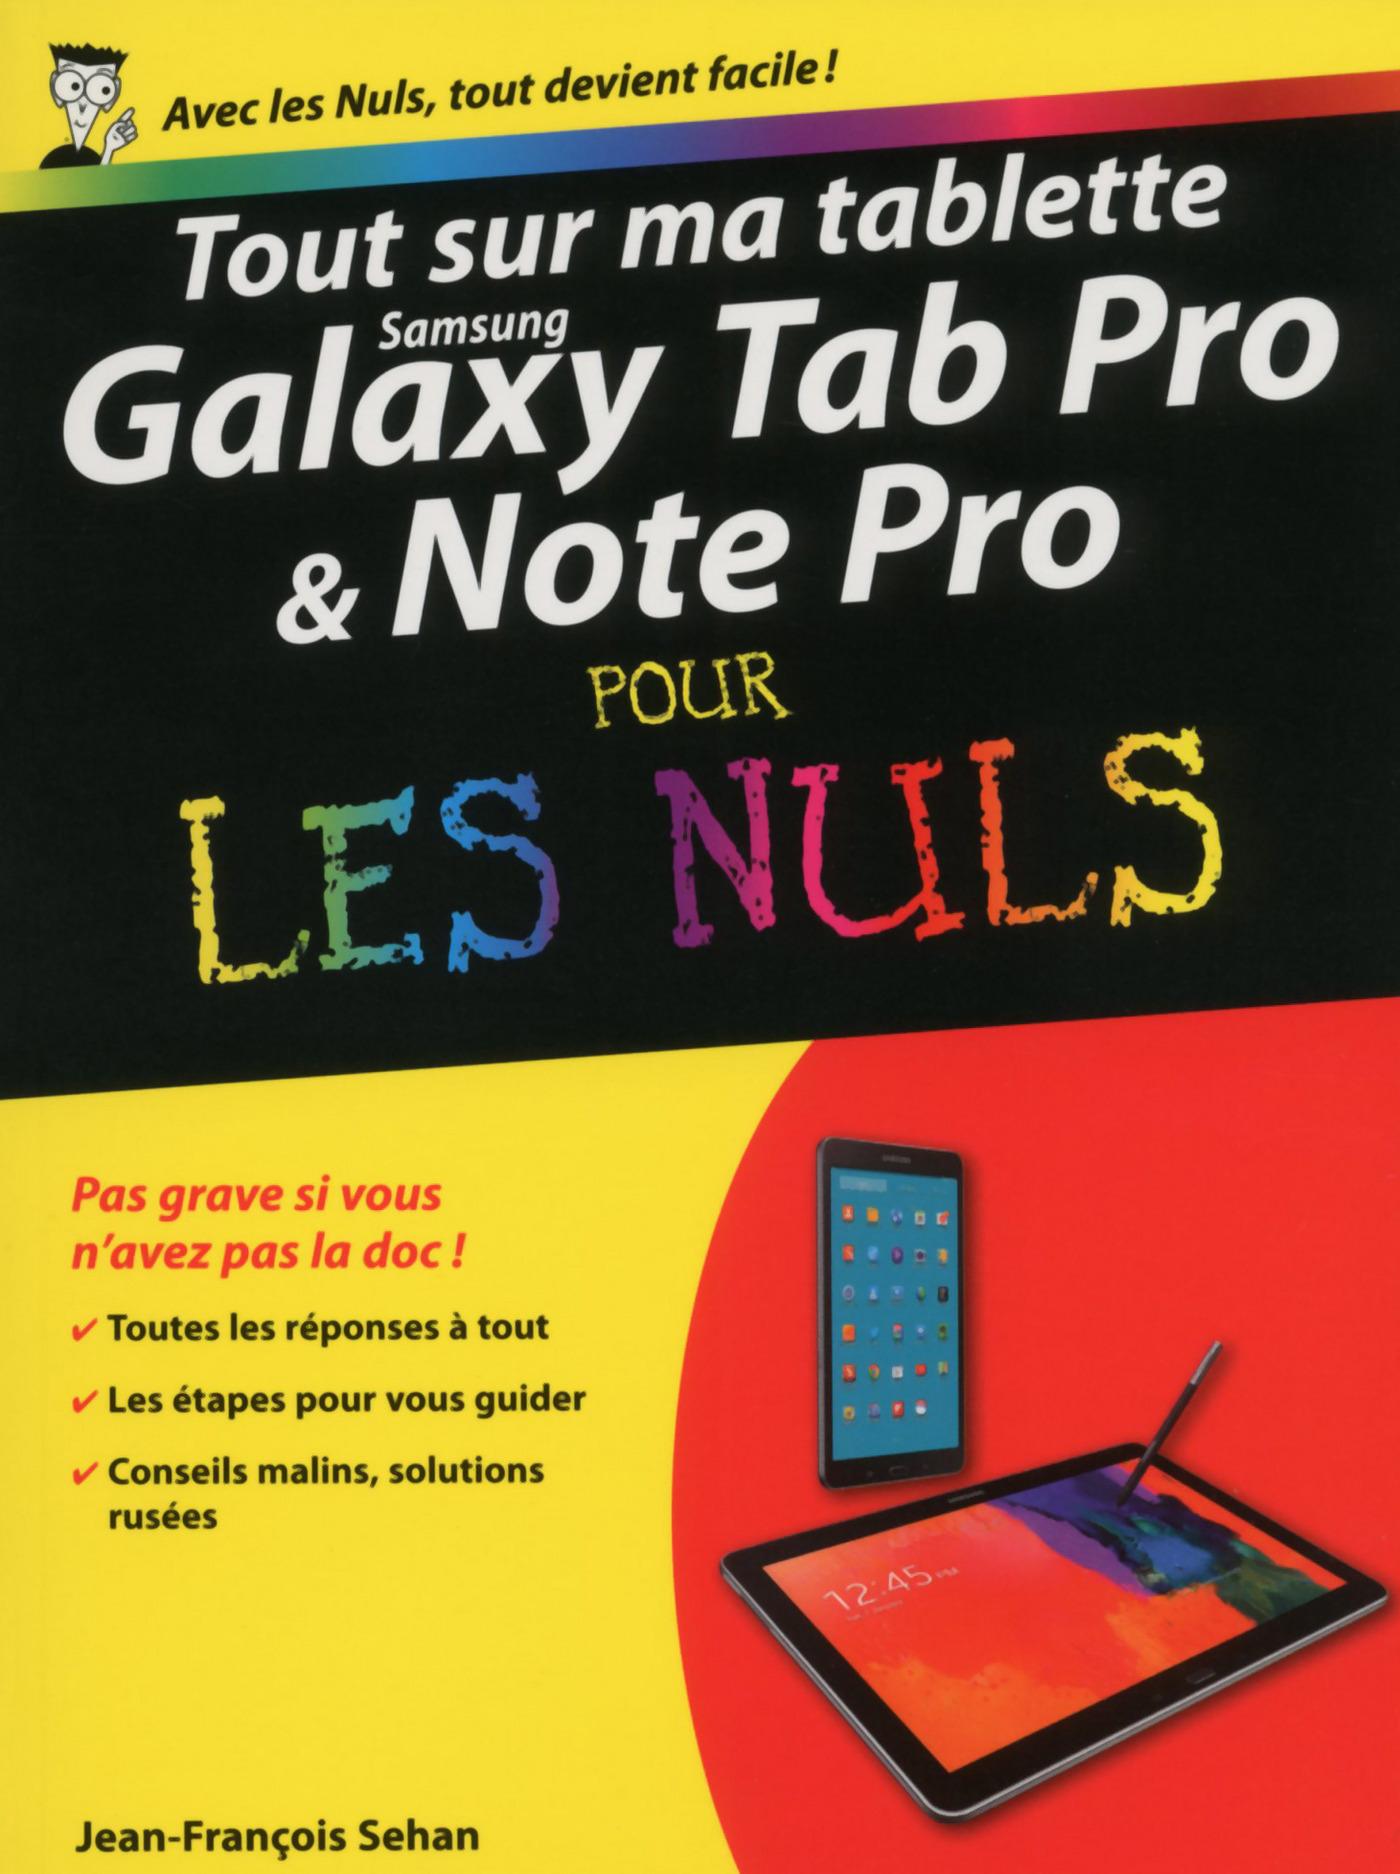 Tout sur ma tablette Samsung Galaxy TabPRO et NotePRO pour les Nuls (ebook)